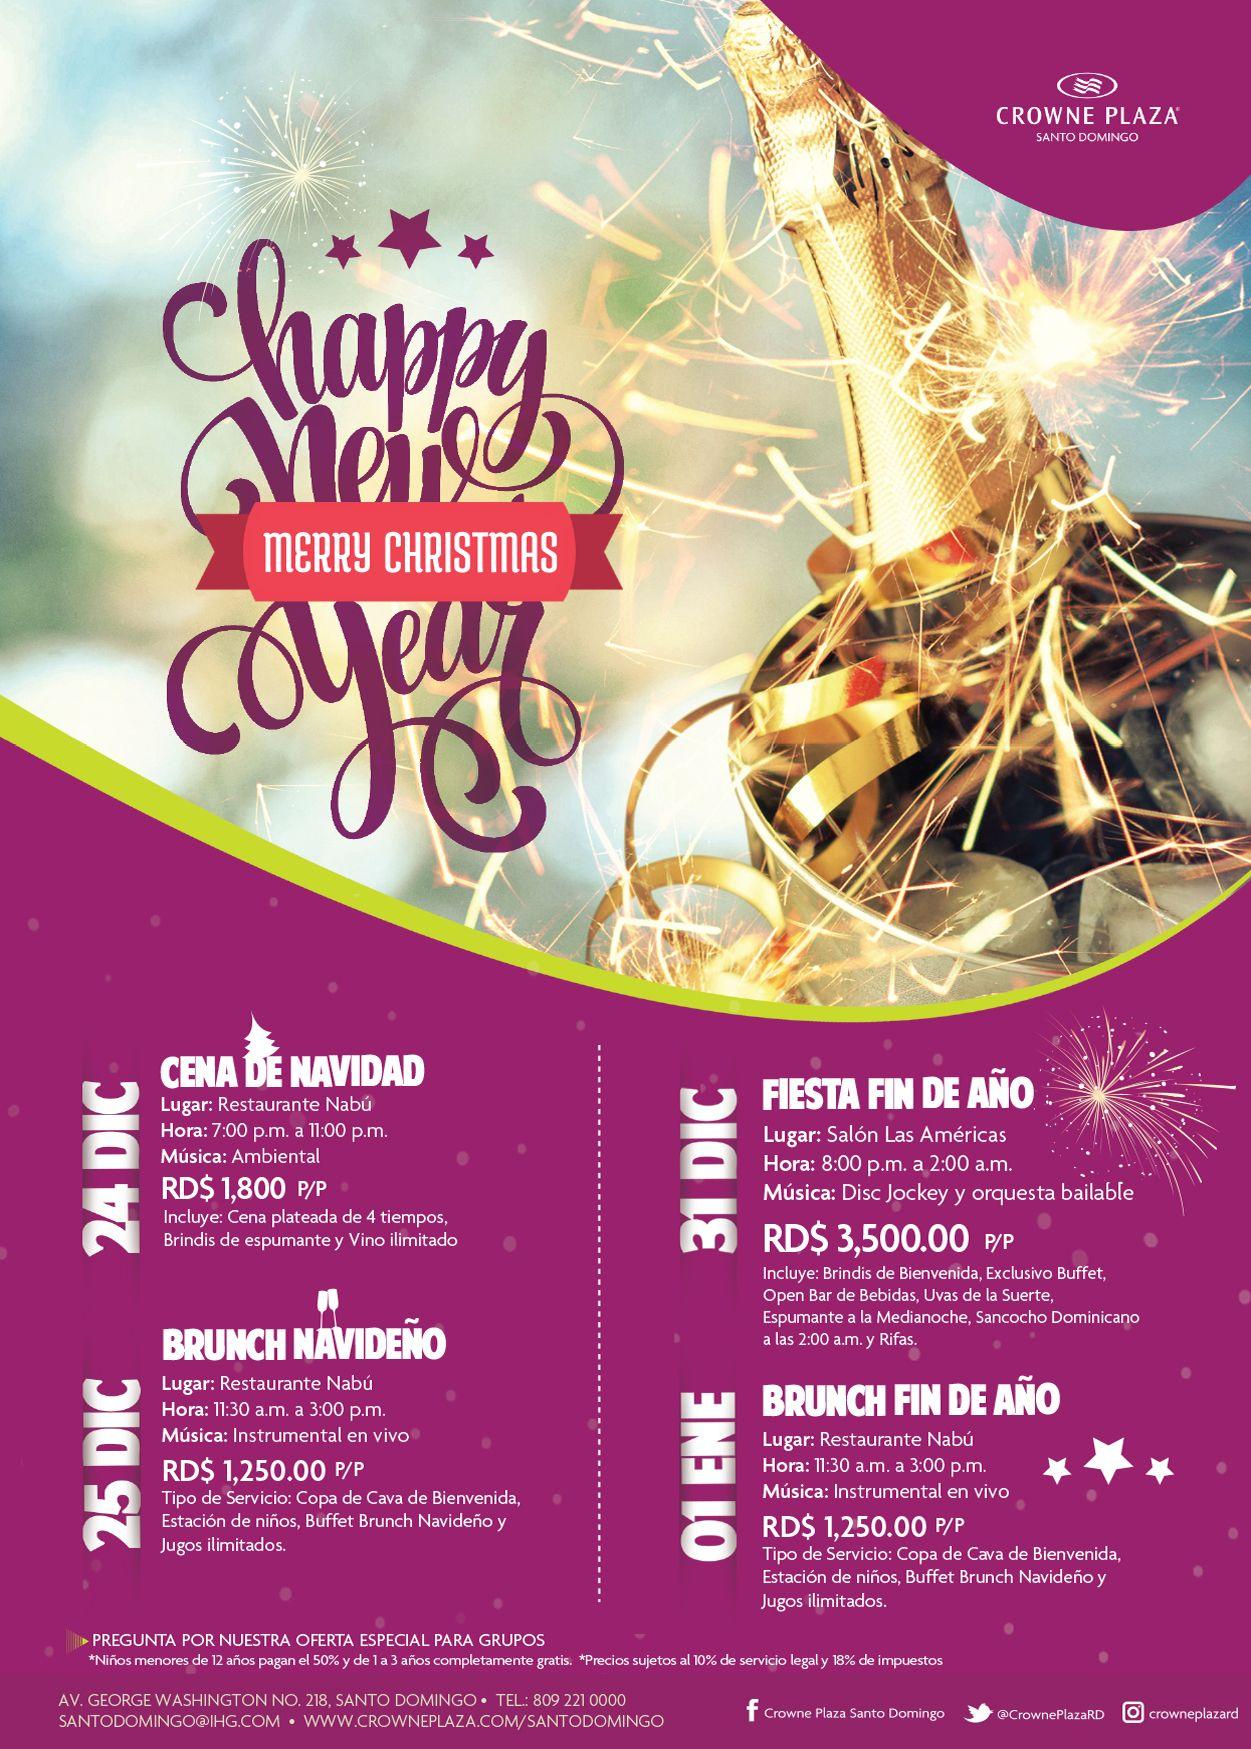 Todavía estás a tiempo, celebra el 24 y el 31 con nosotros! #Navidad #FindeAño #CrownePlazaStyle #HotelenSantoDomingo